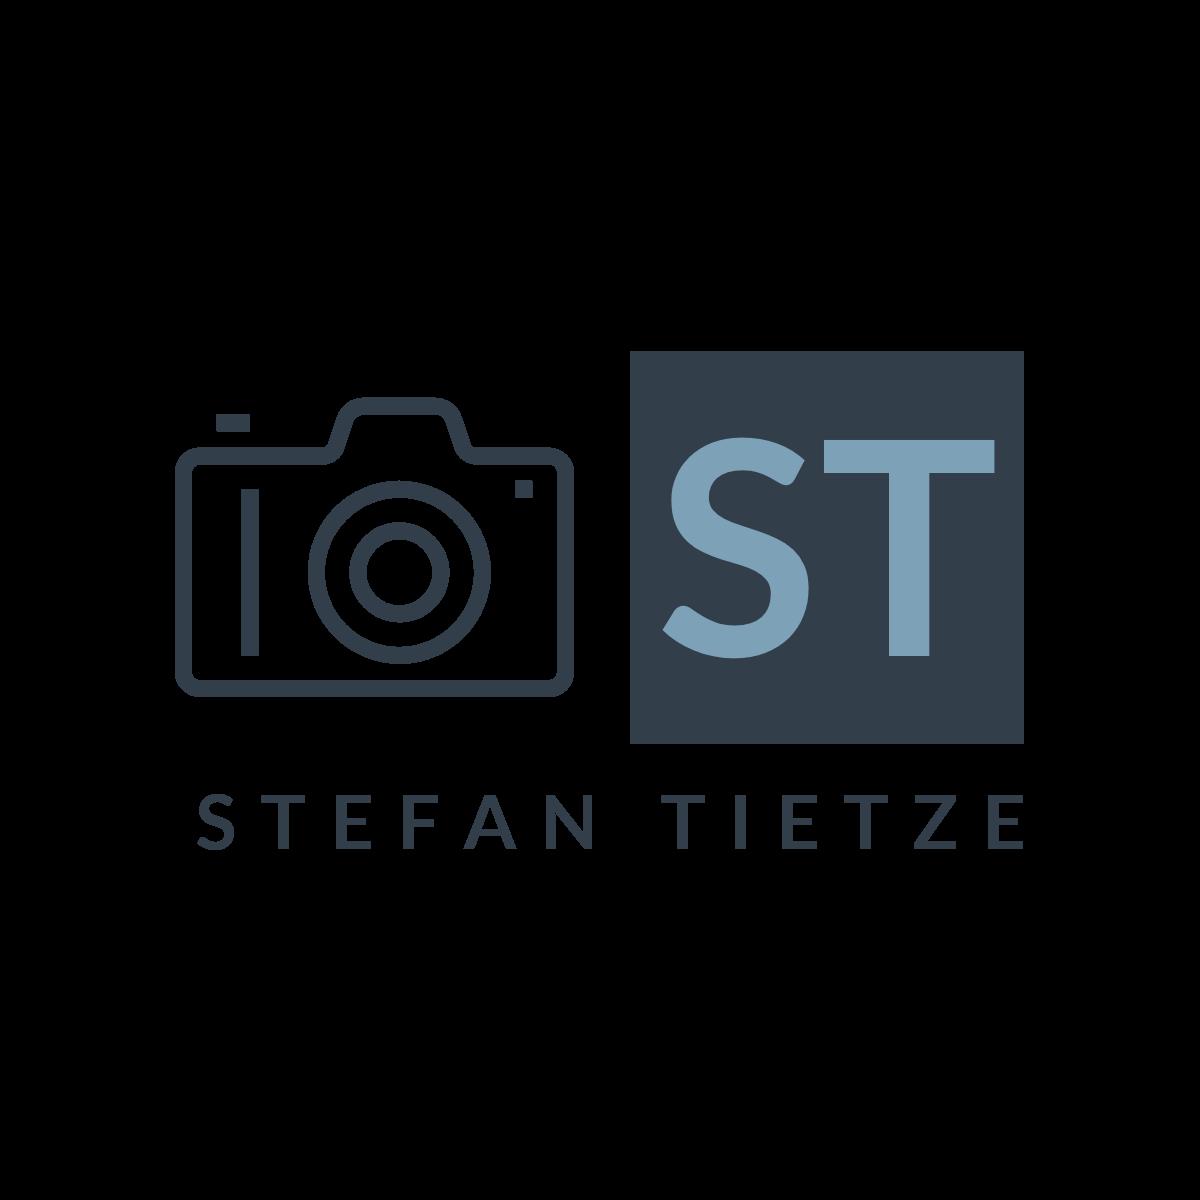 Stefan Tietze